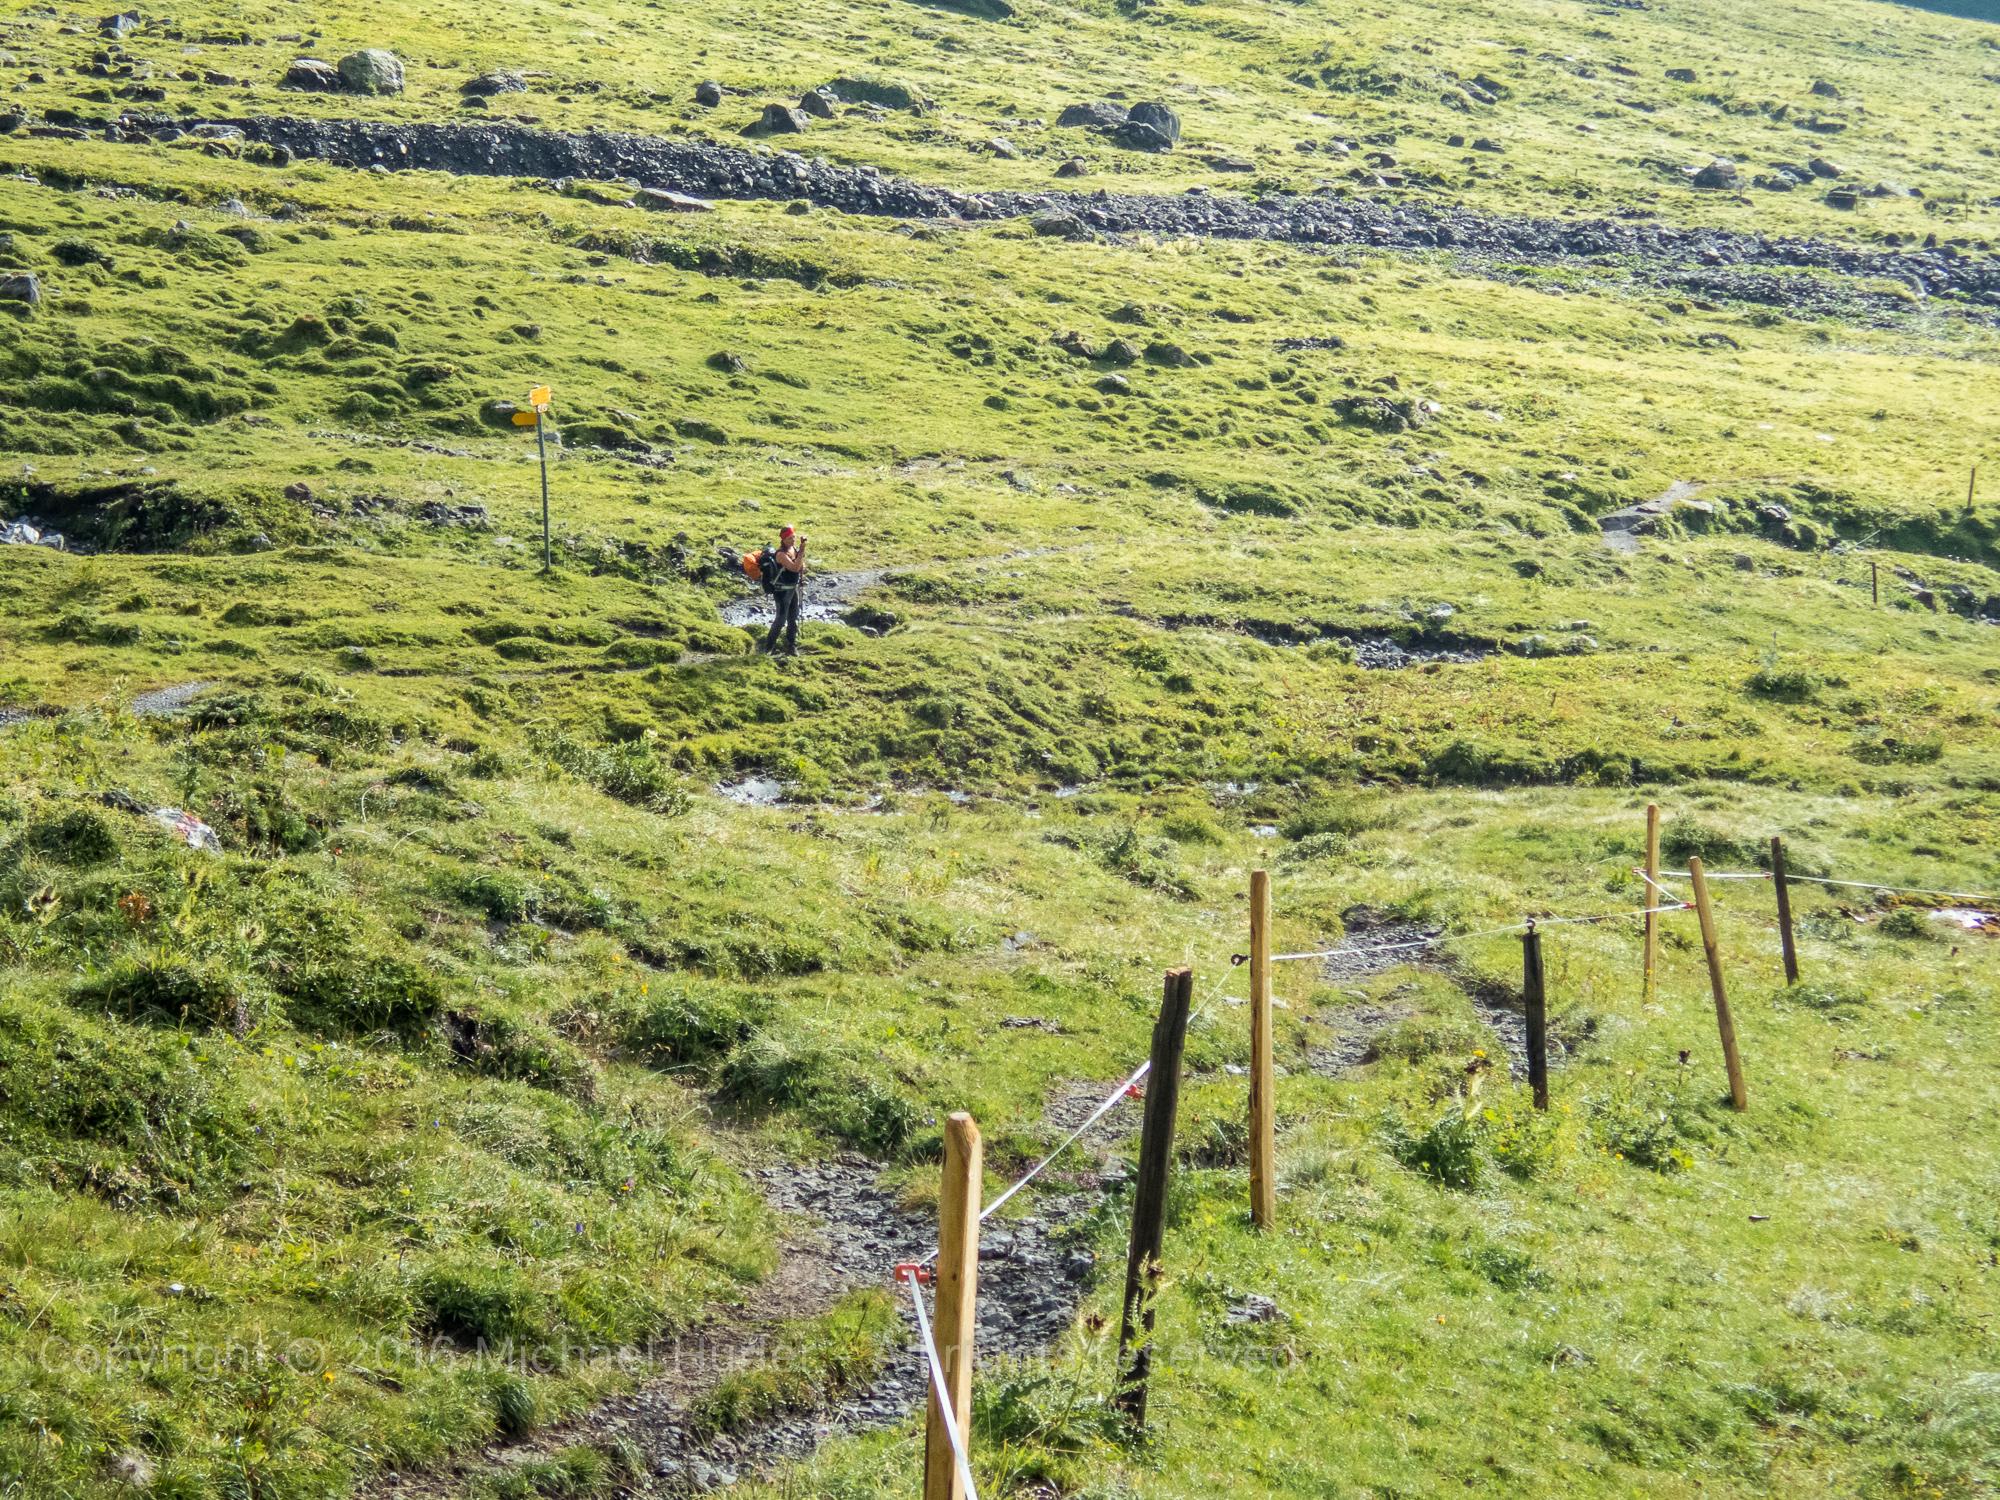 19.08.2016, Bärentrek - Von Mürren nach Kandersteg, Von der Rotstockhütte zur Sefinenfurrge